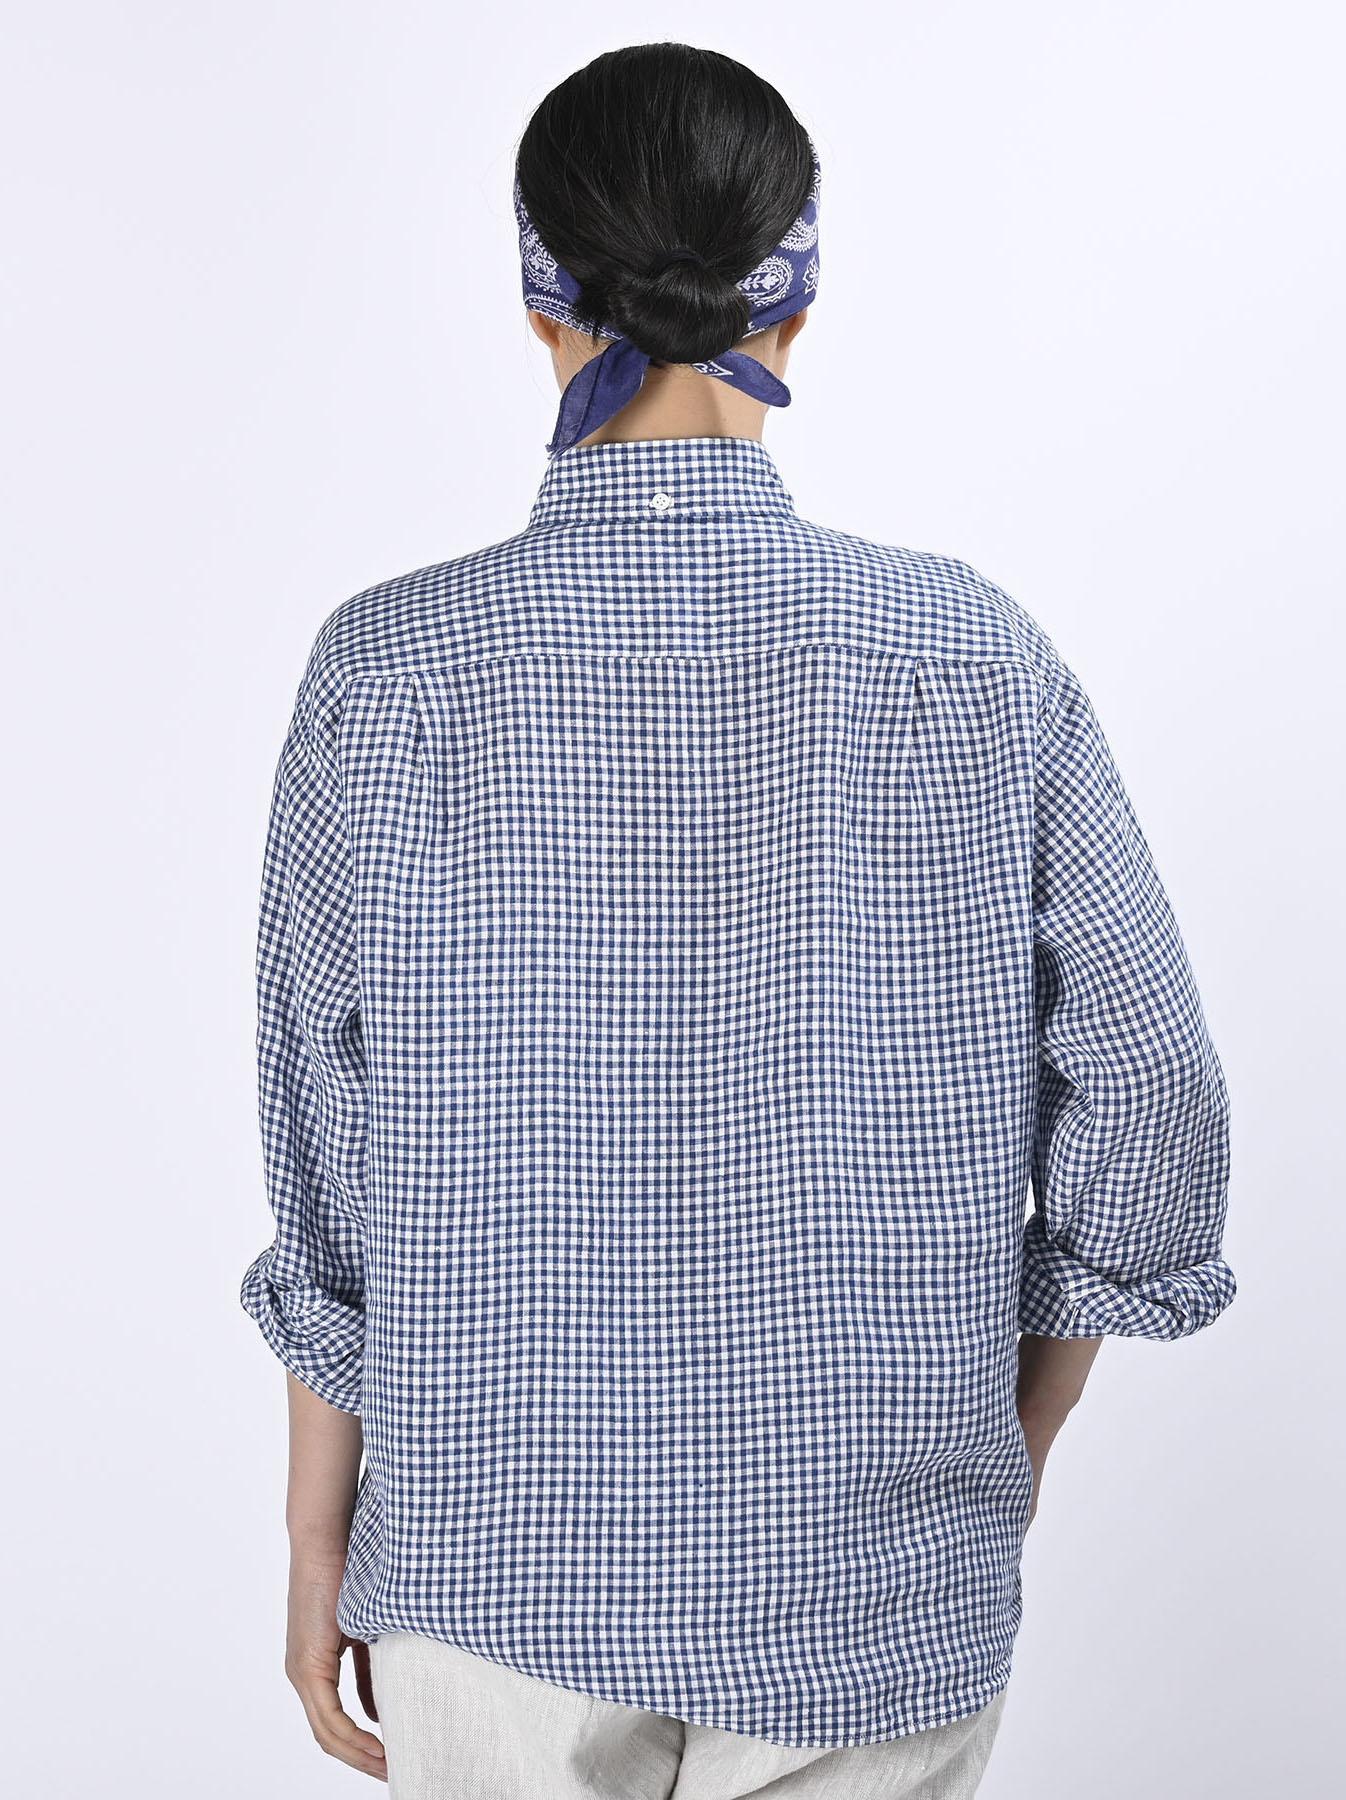 Indian Linen Flat 908 Ocean Shirt (0521)-5